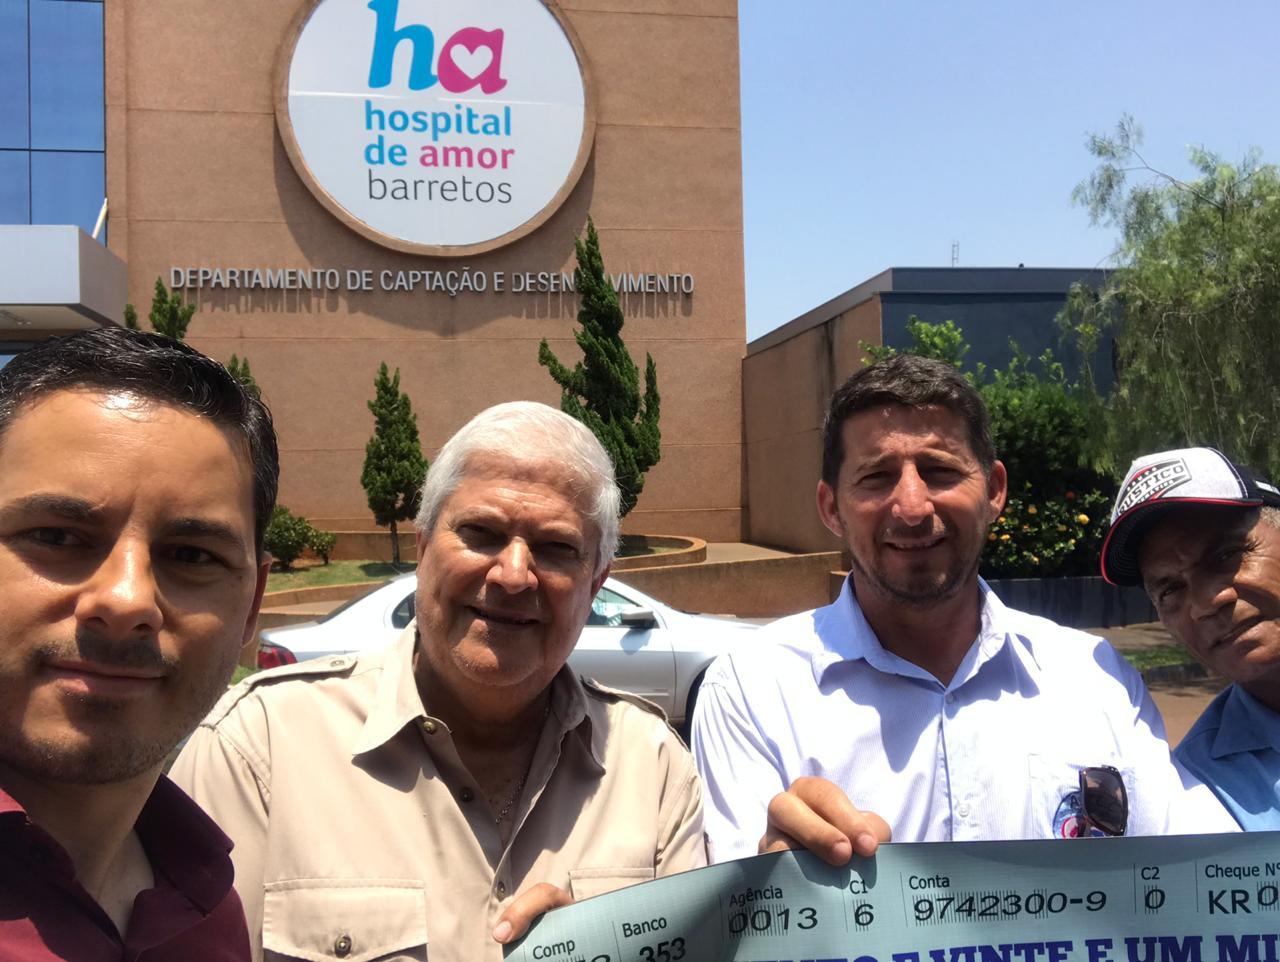 PREFEITO DE TRÊS RANCHOS ACOMPANHA ENTREGA DE DOAÇÃO PARA O HOSPITAL DE AMOR DE BARRETOS